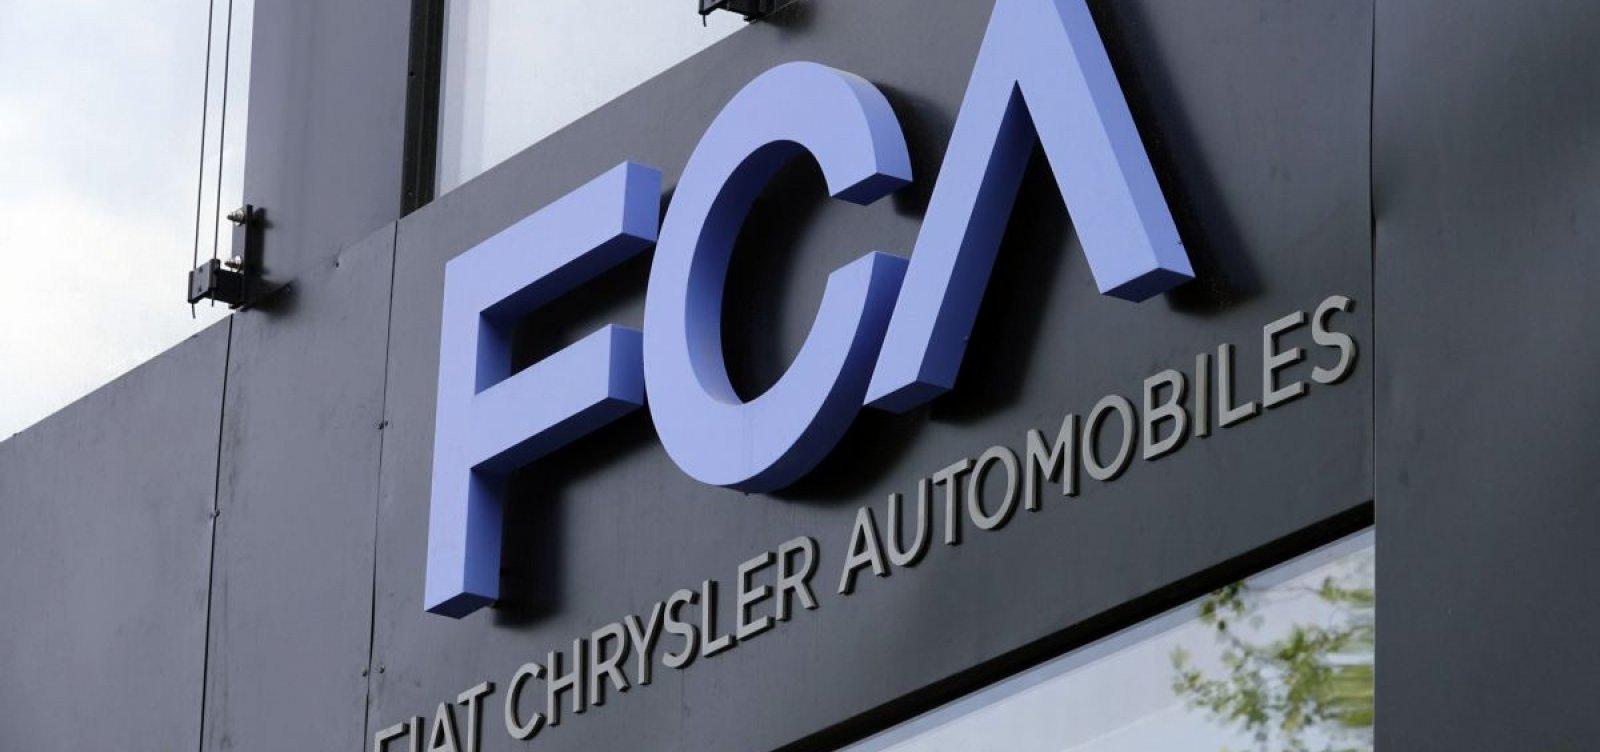 [Fiat Chrysler propõe fusão com Renault]